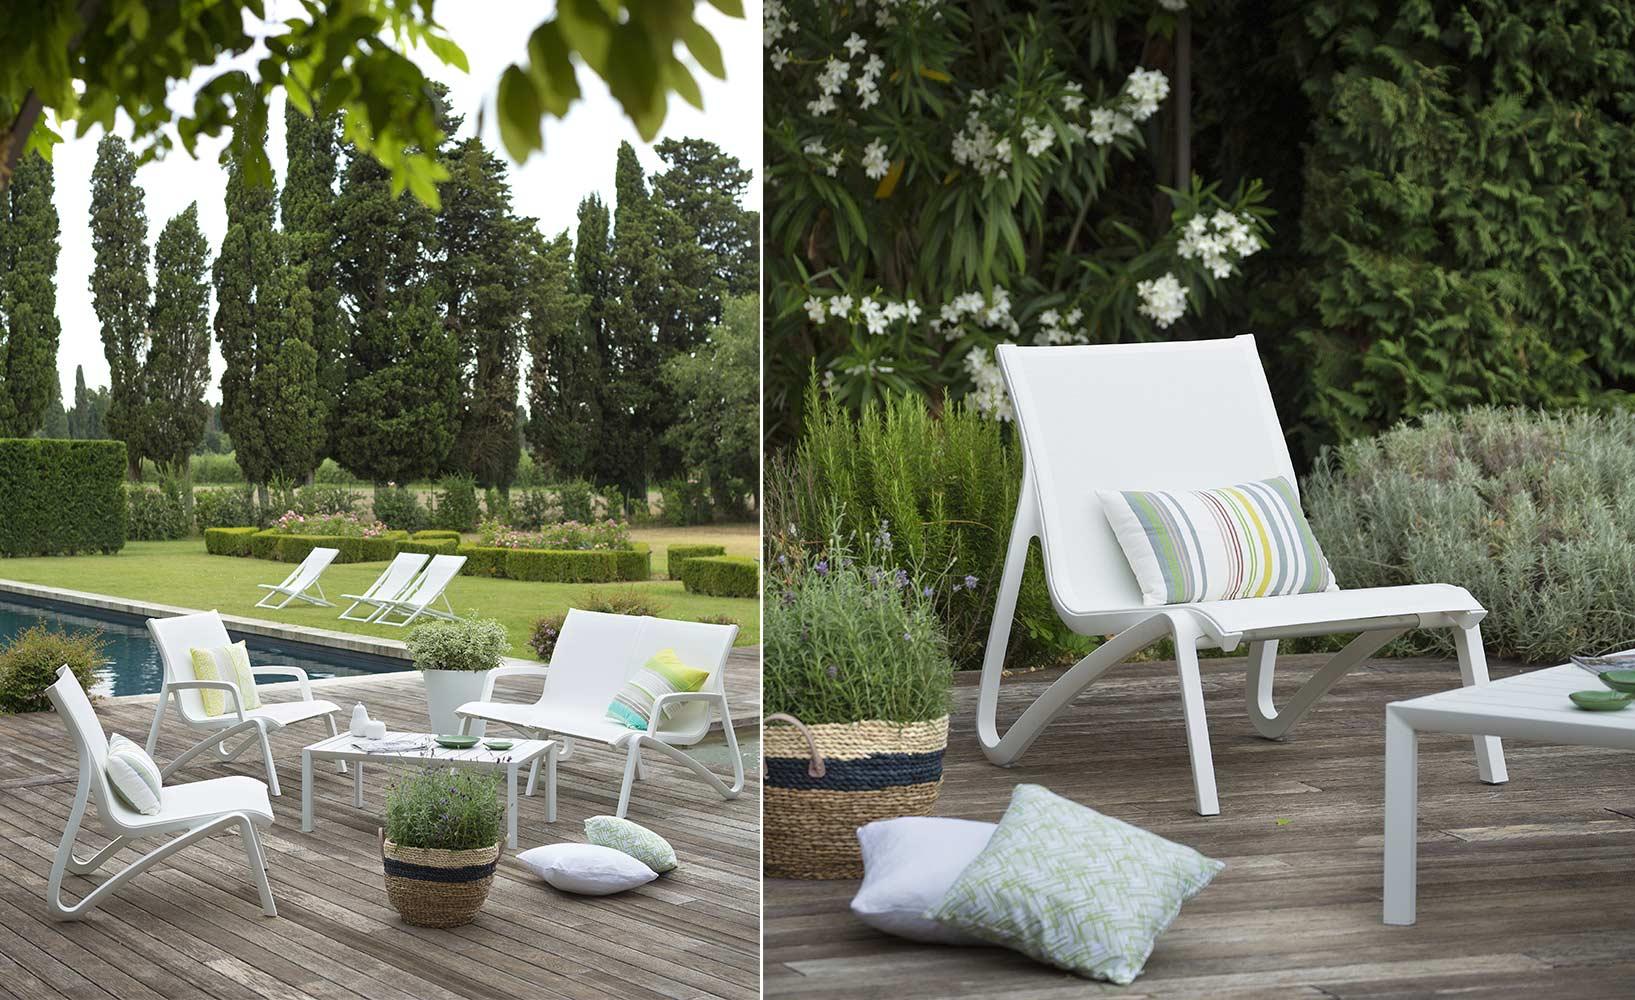 Zen garten tipps zur anlage und pflege for Garten tipps